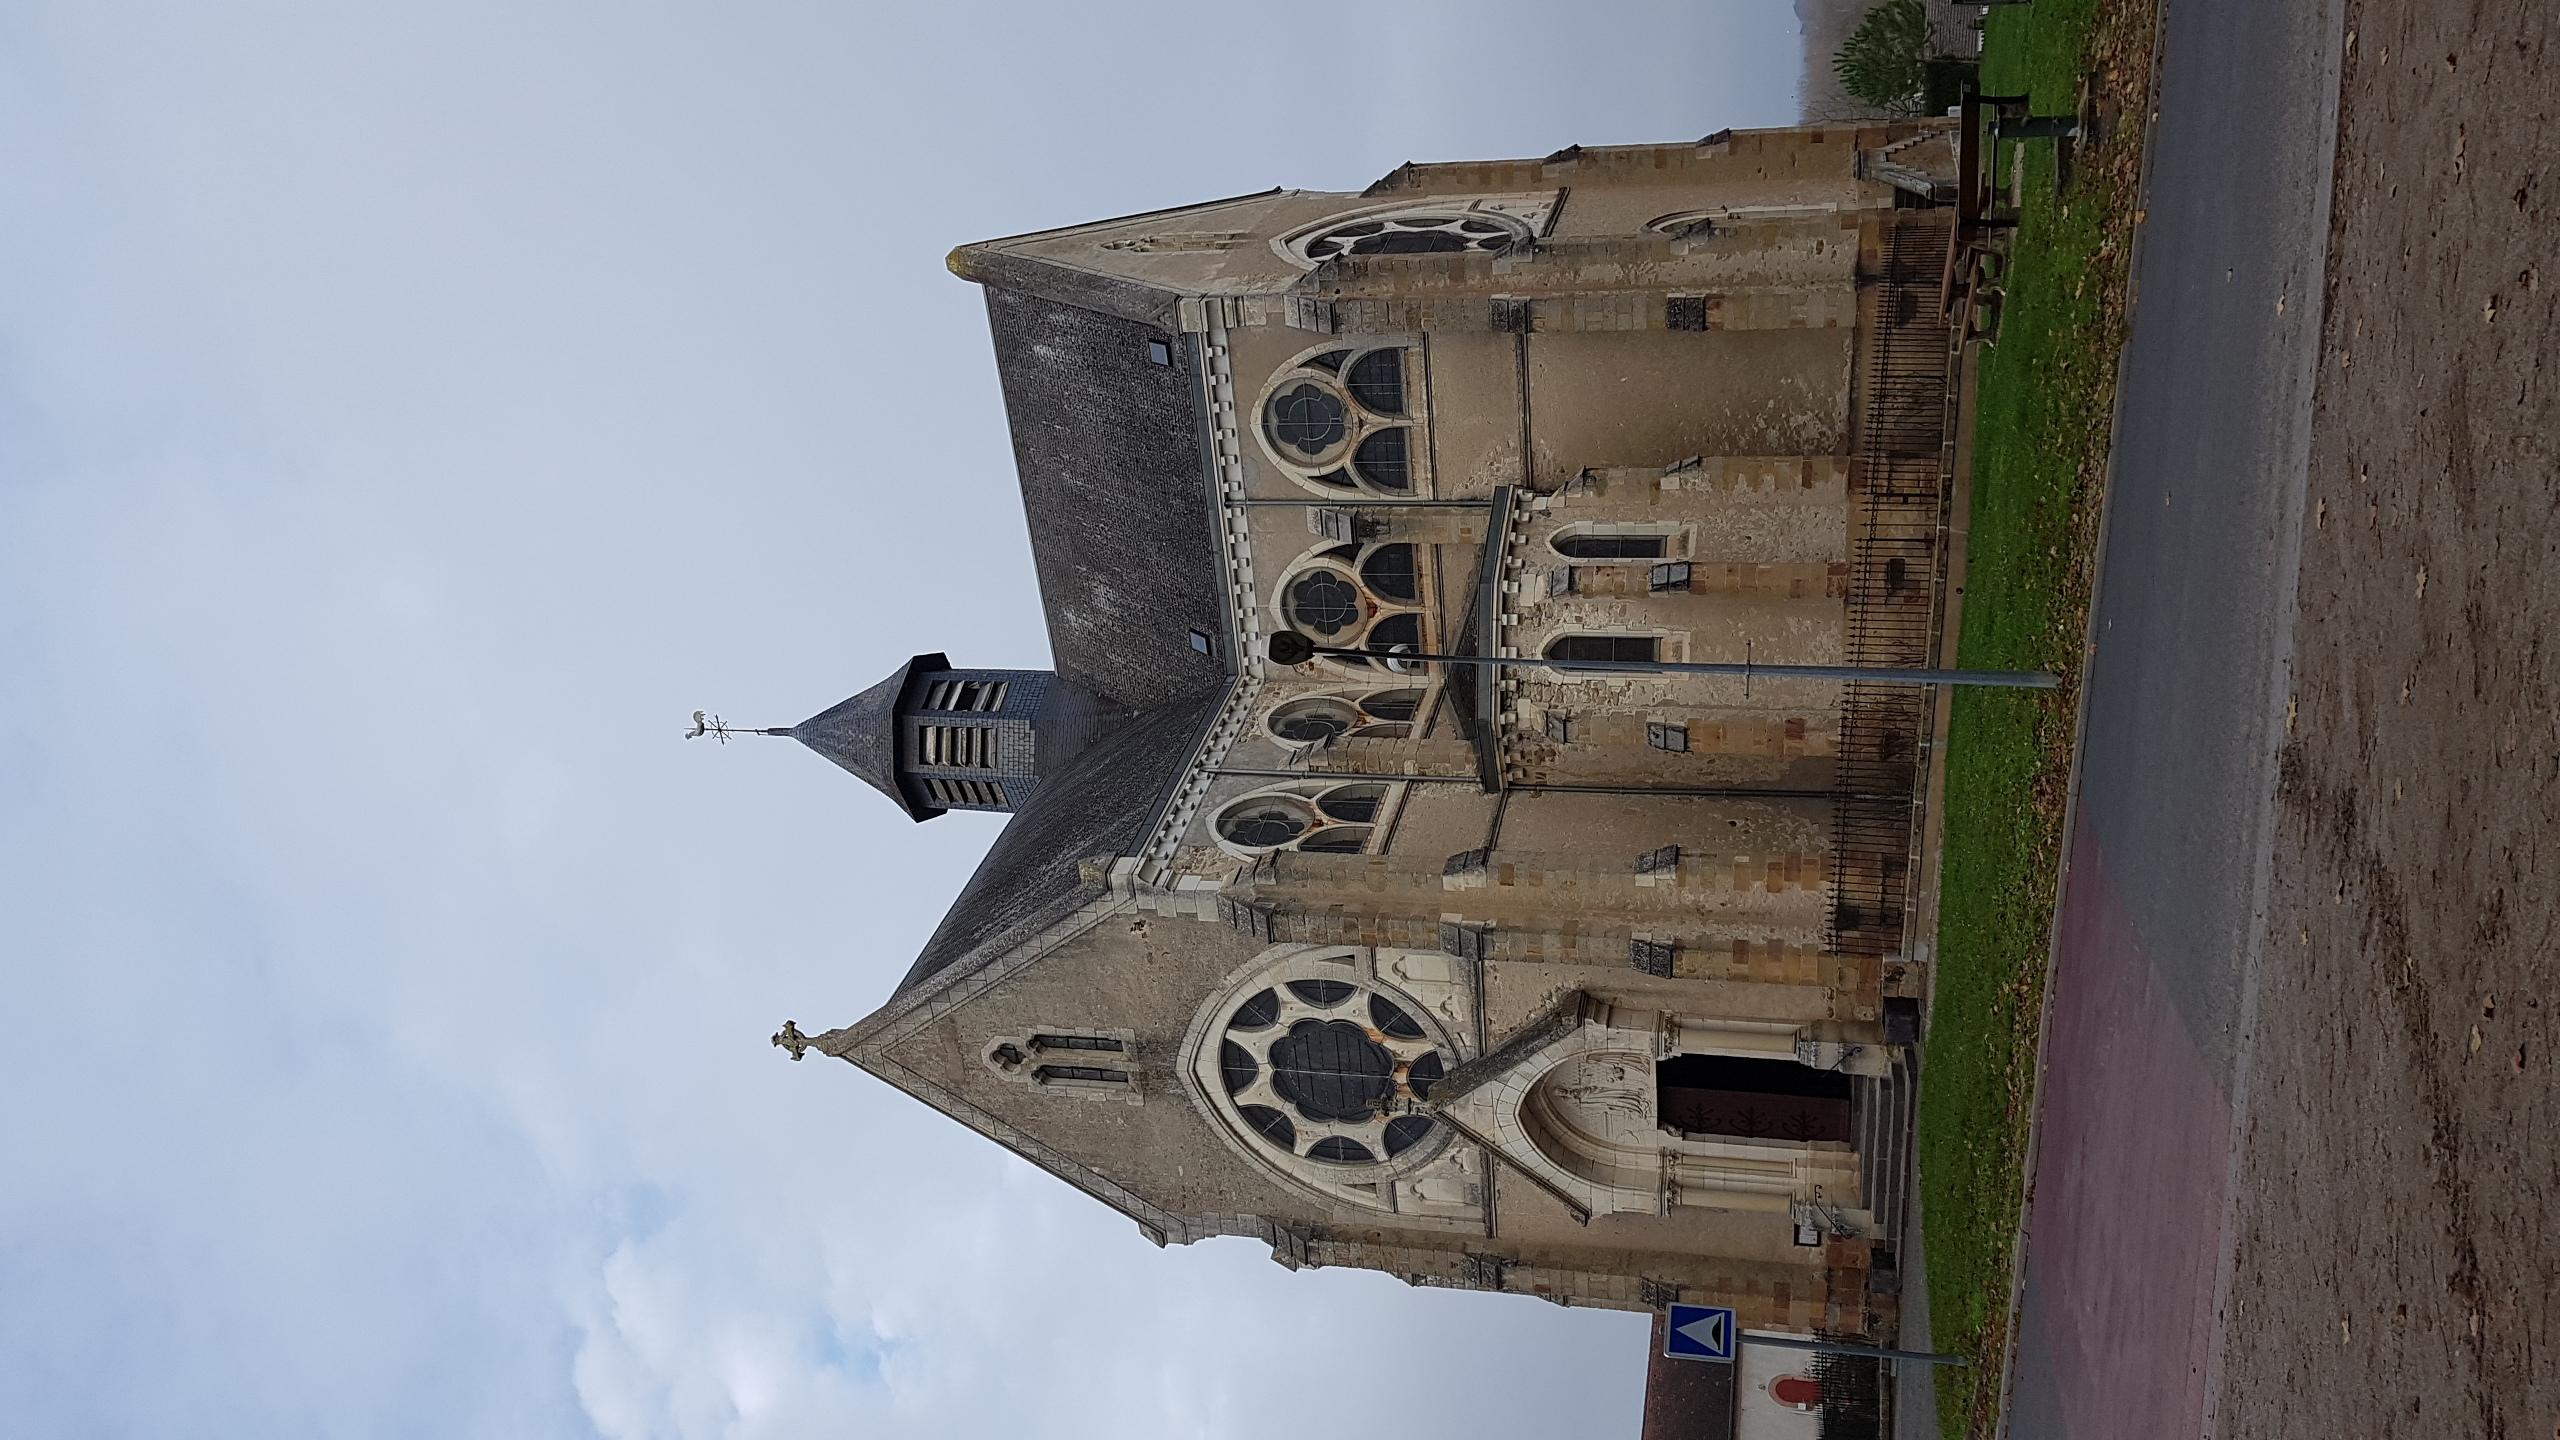 Vue église du Sacré Coeur Ⓒ Delphine Antenne Lurcy